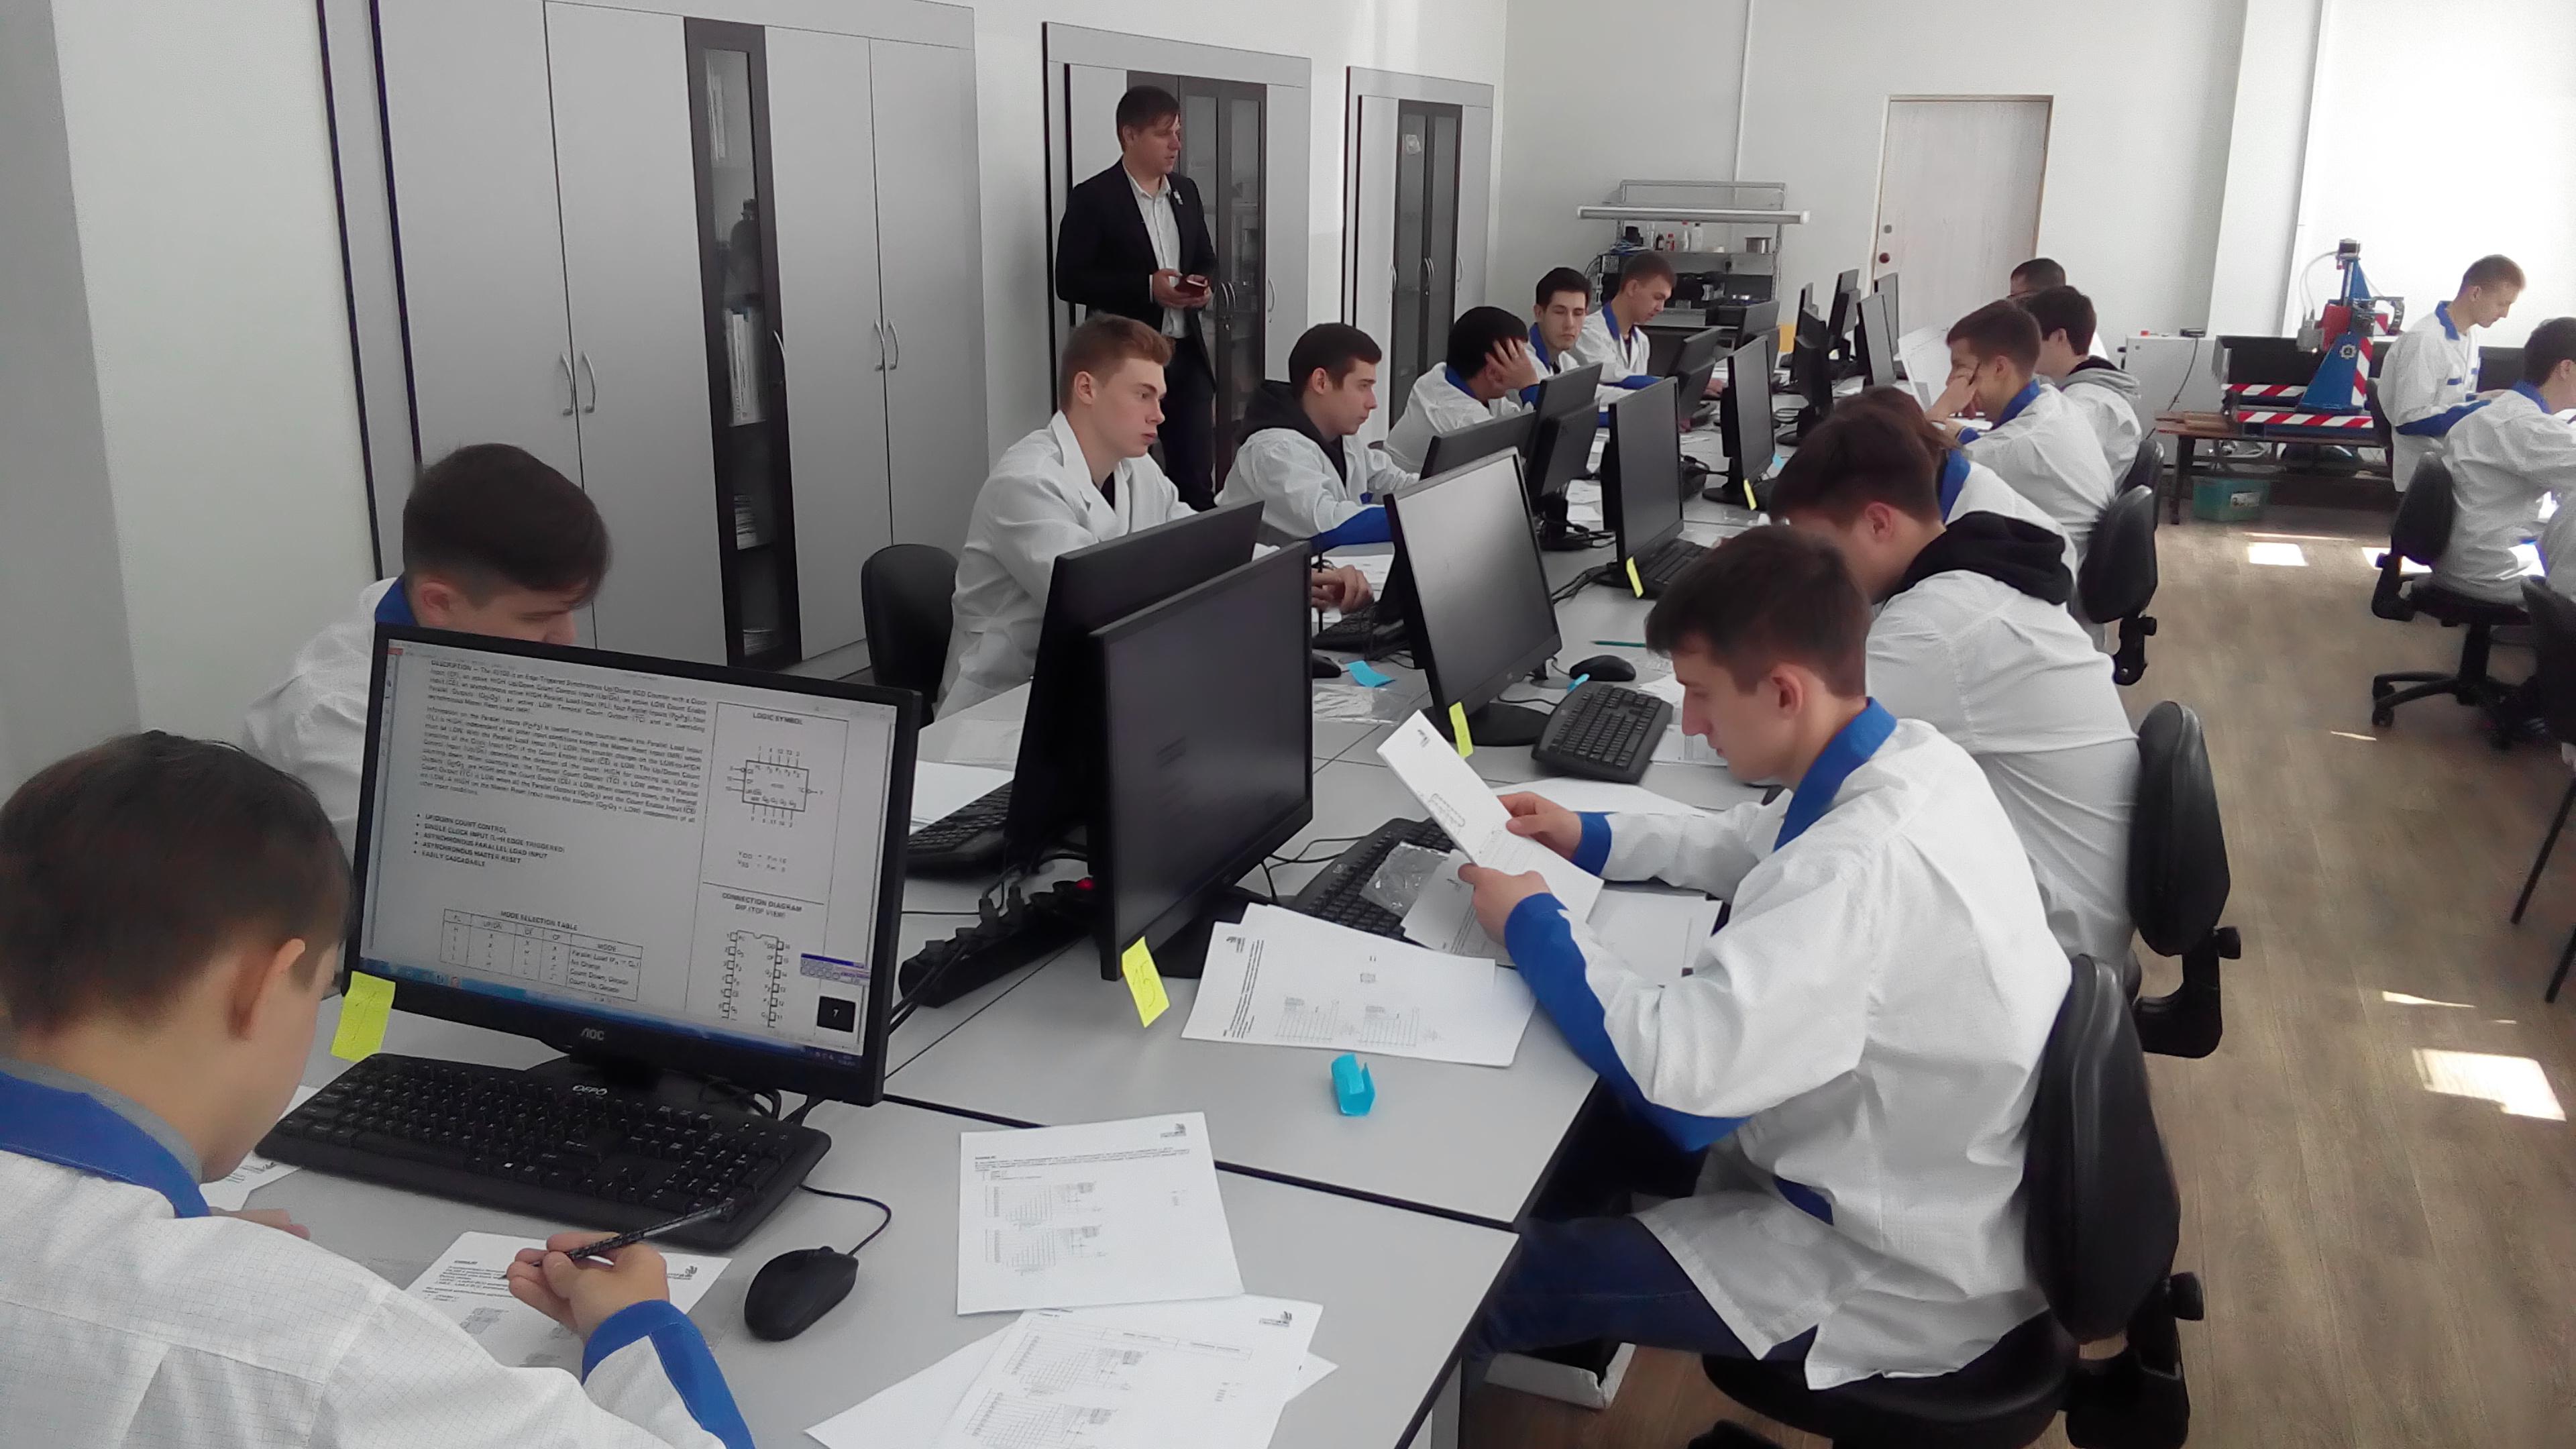 Студенты Межрегионального центра компетенций-Чебоксарского электромеханического колледжа приступили к сдаче демонстрационного экзамена по стандартам Worldskills